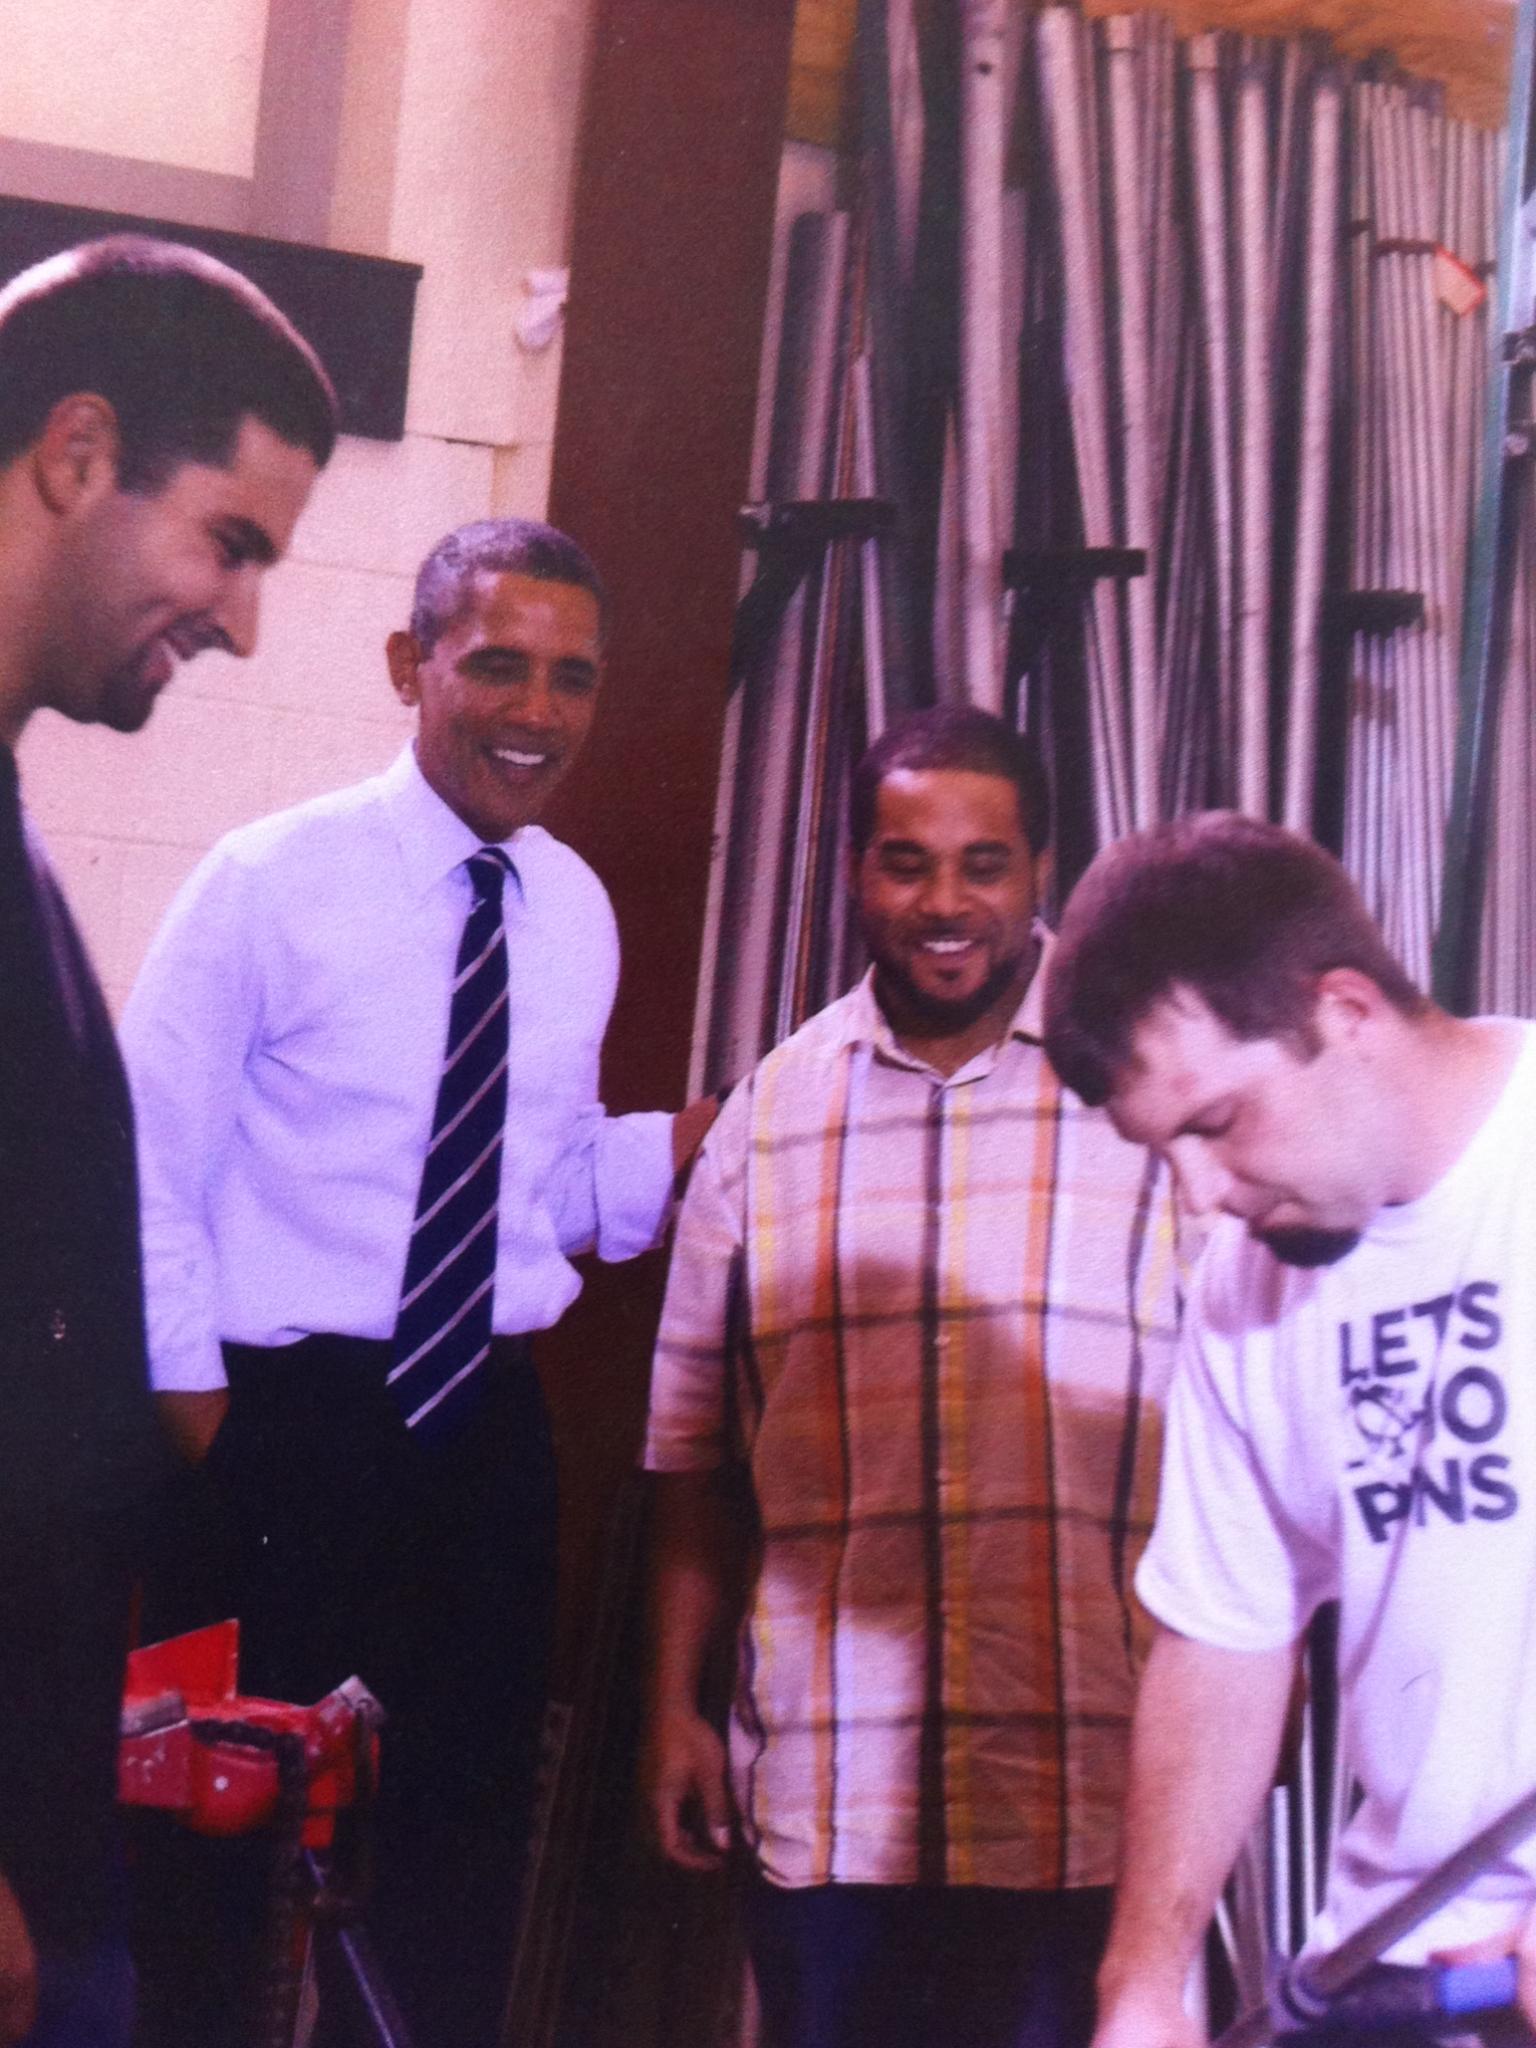 My nephew with Obama